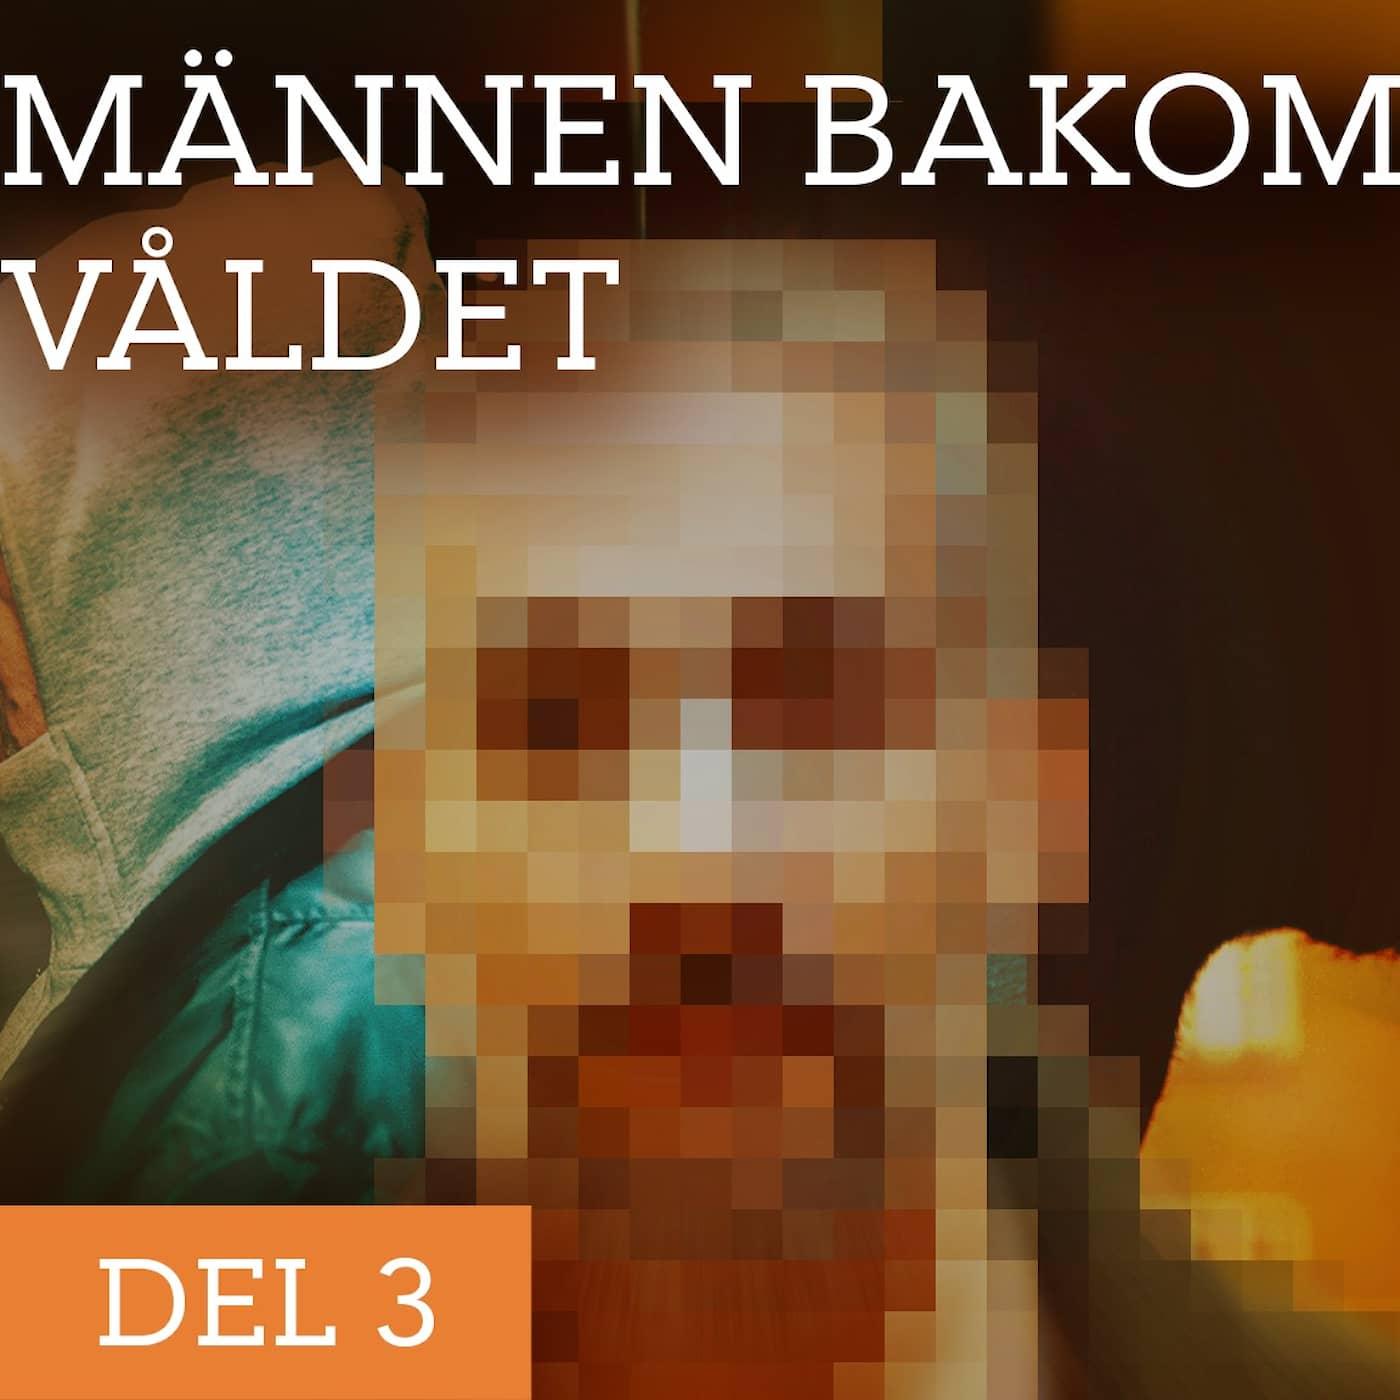 Männen bakom våldet -Ivan, huligan